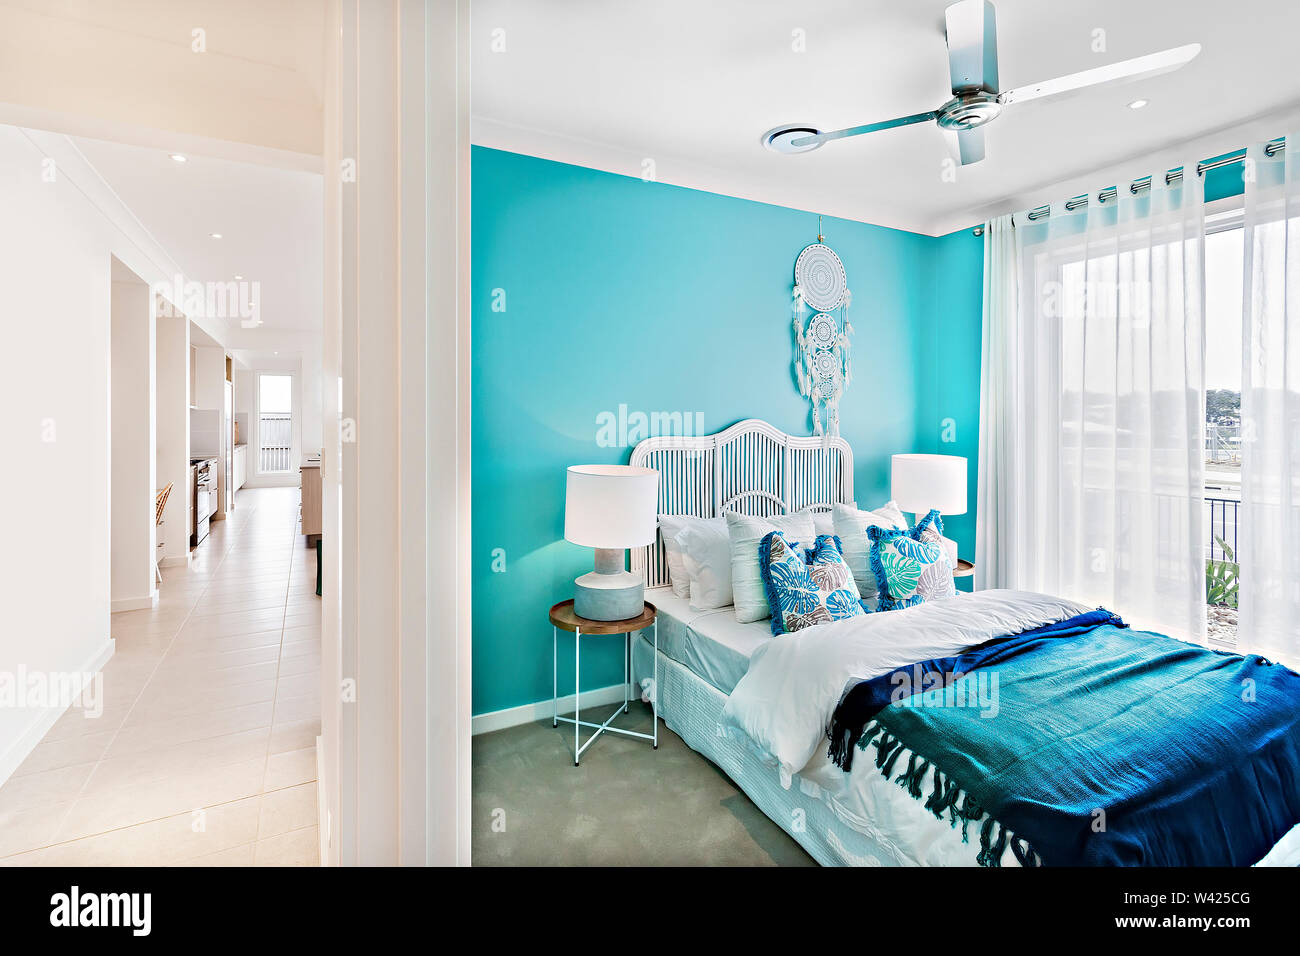 Camera con letto matrimoniale e coloratissimi cuscini, letti confortevoli tra cui disegni, le pareti sono di color bianco, cuscino piccolo è bello, all'interno di camere di un APA Immagini Stock